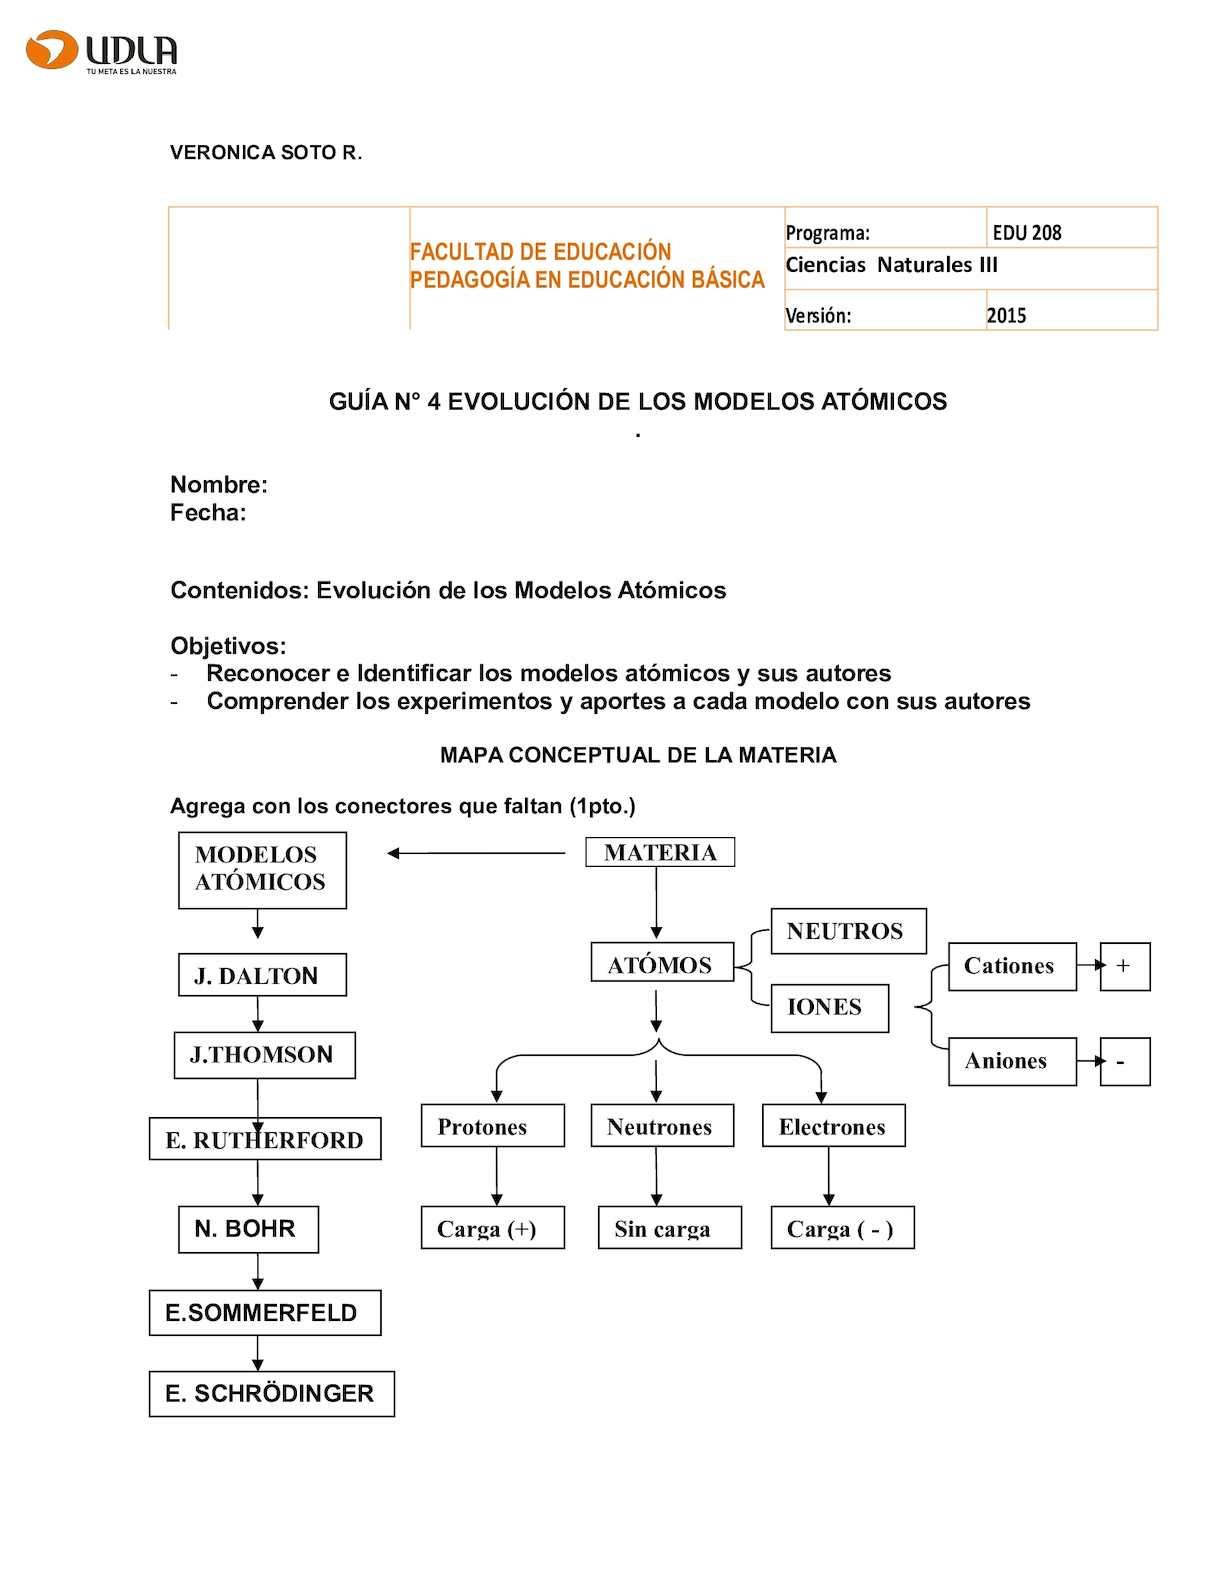 Calaméo Guia N4 Evolución De Los Modelos Atómicos 1